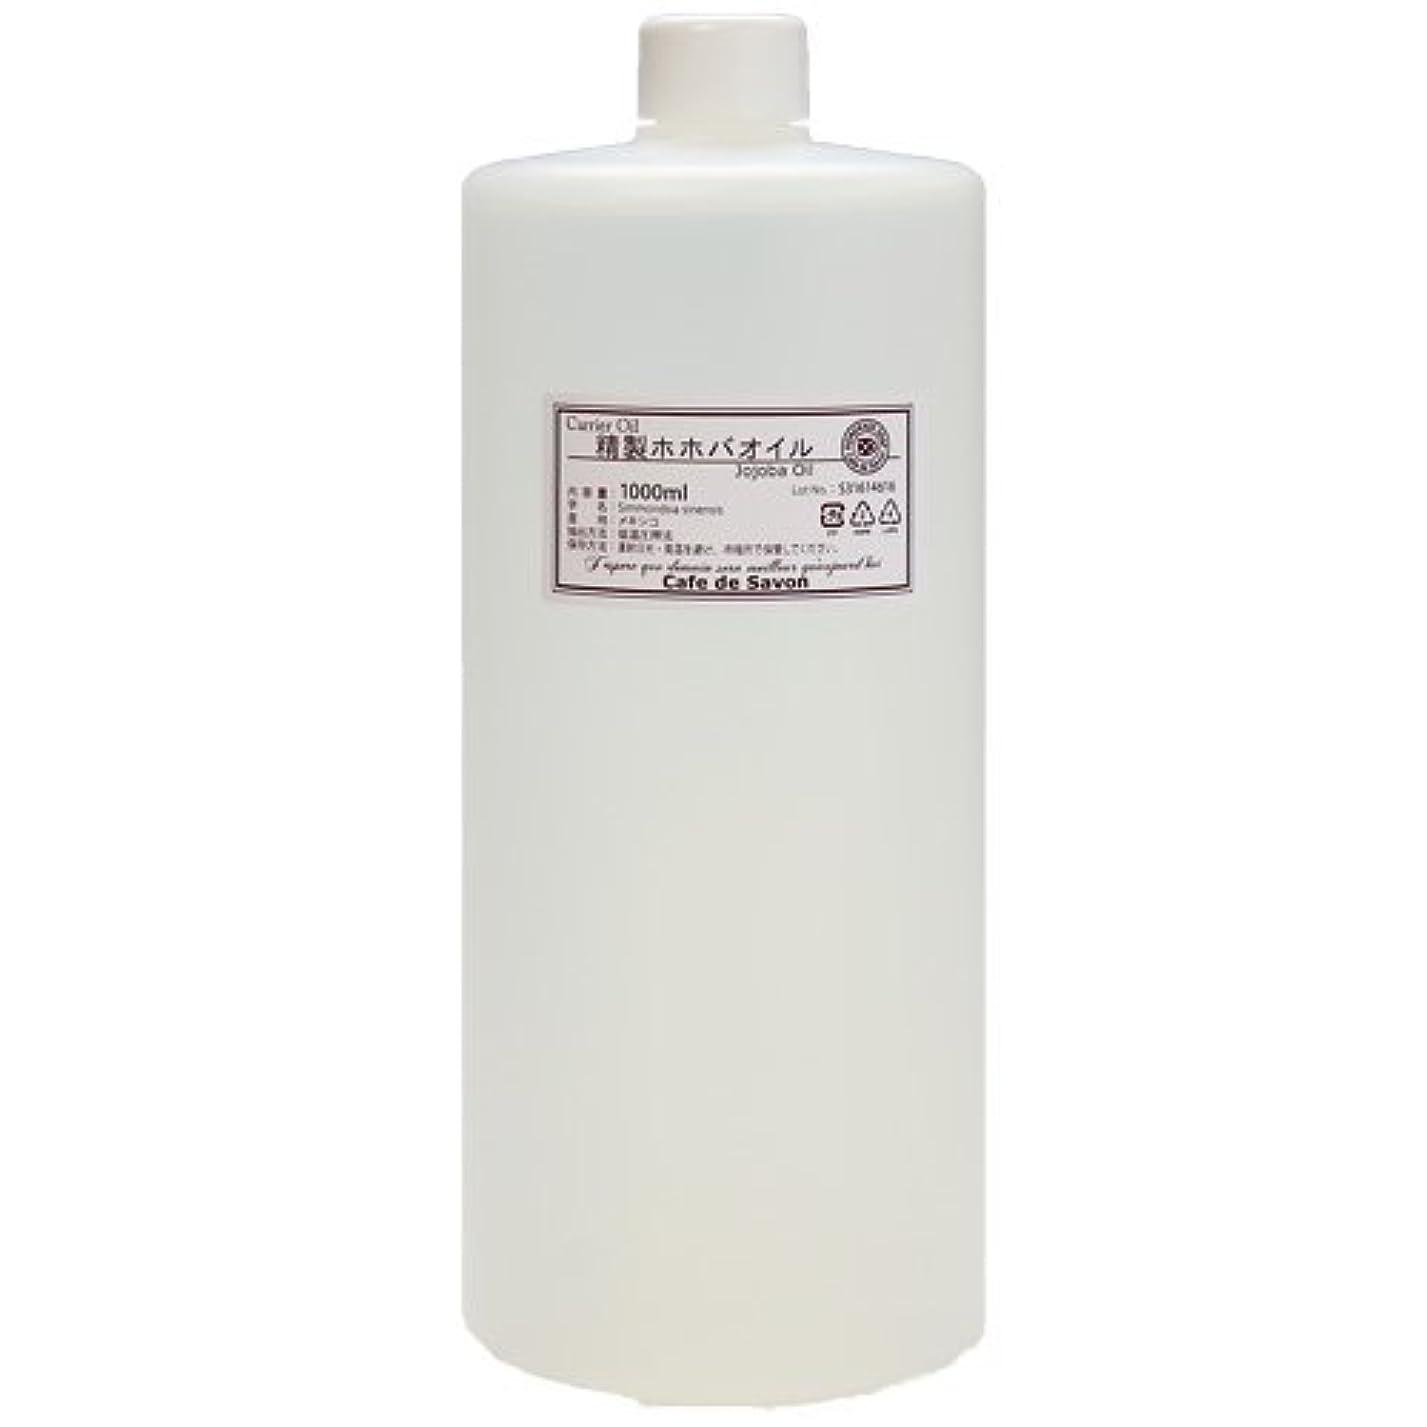 精製ホホバオイル 1L 【ホホバ/手作り石鹸/手作りコスメに/無添加/無農薬】ホホバワックスjojoba